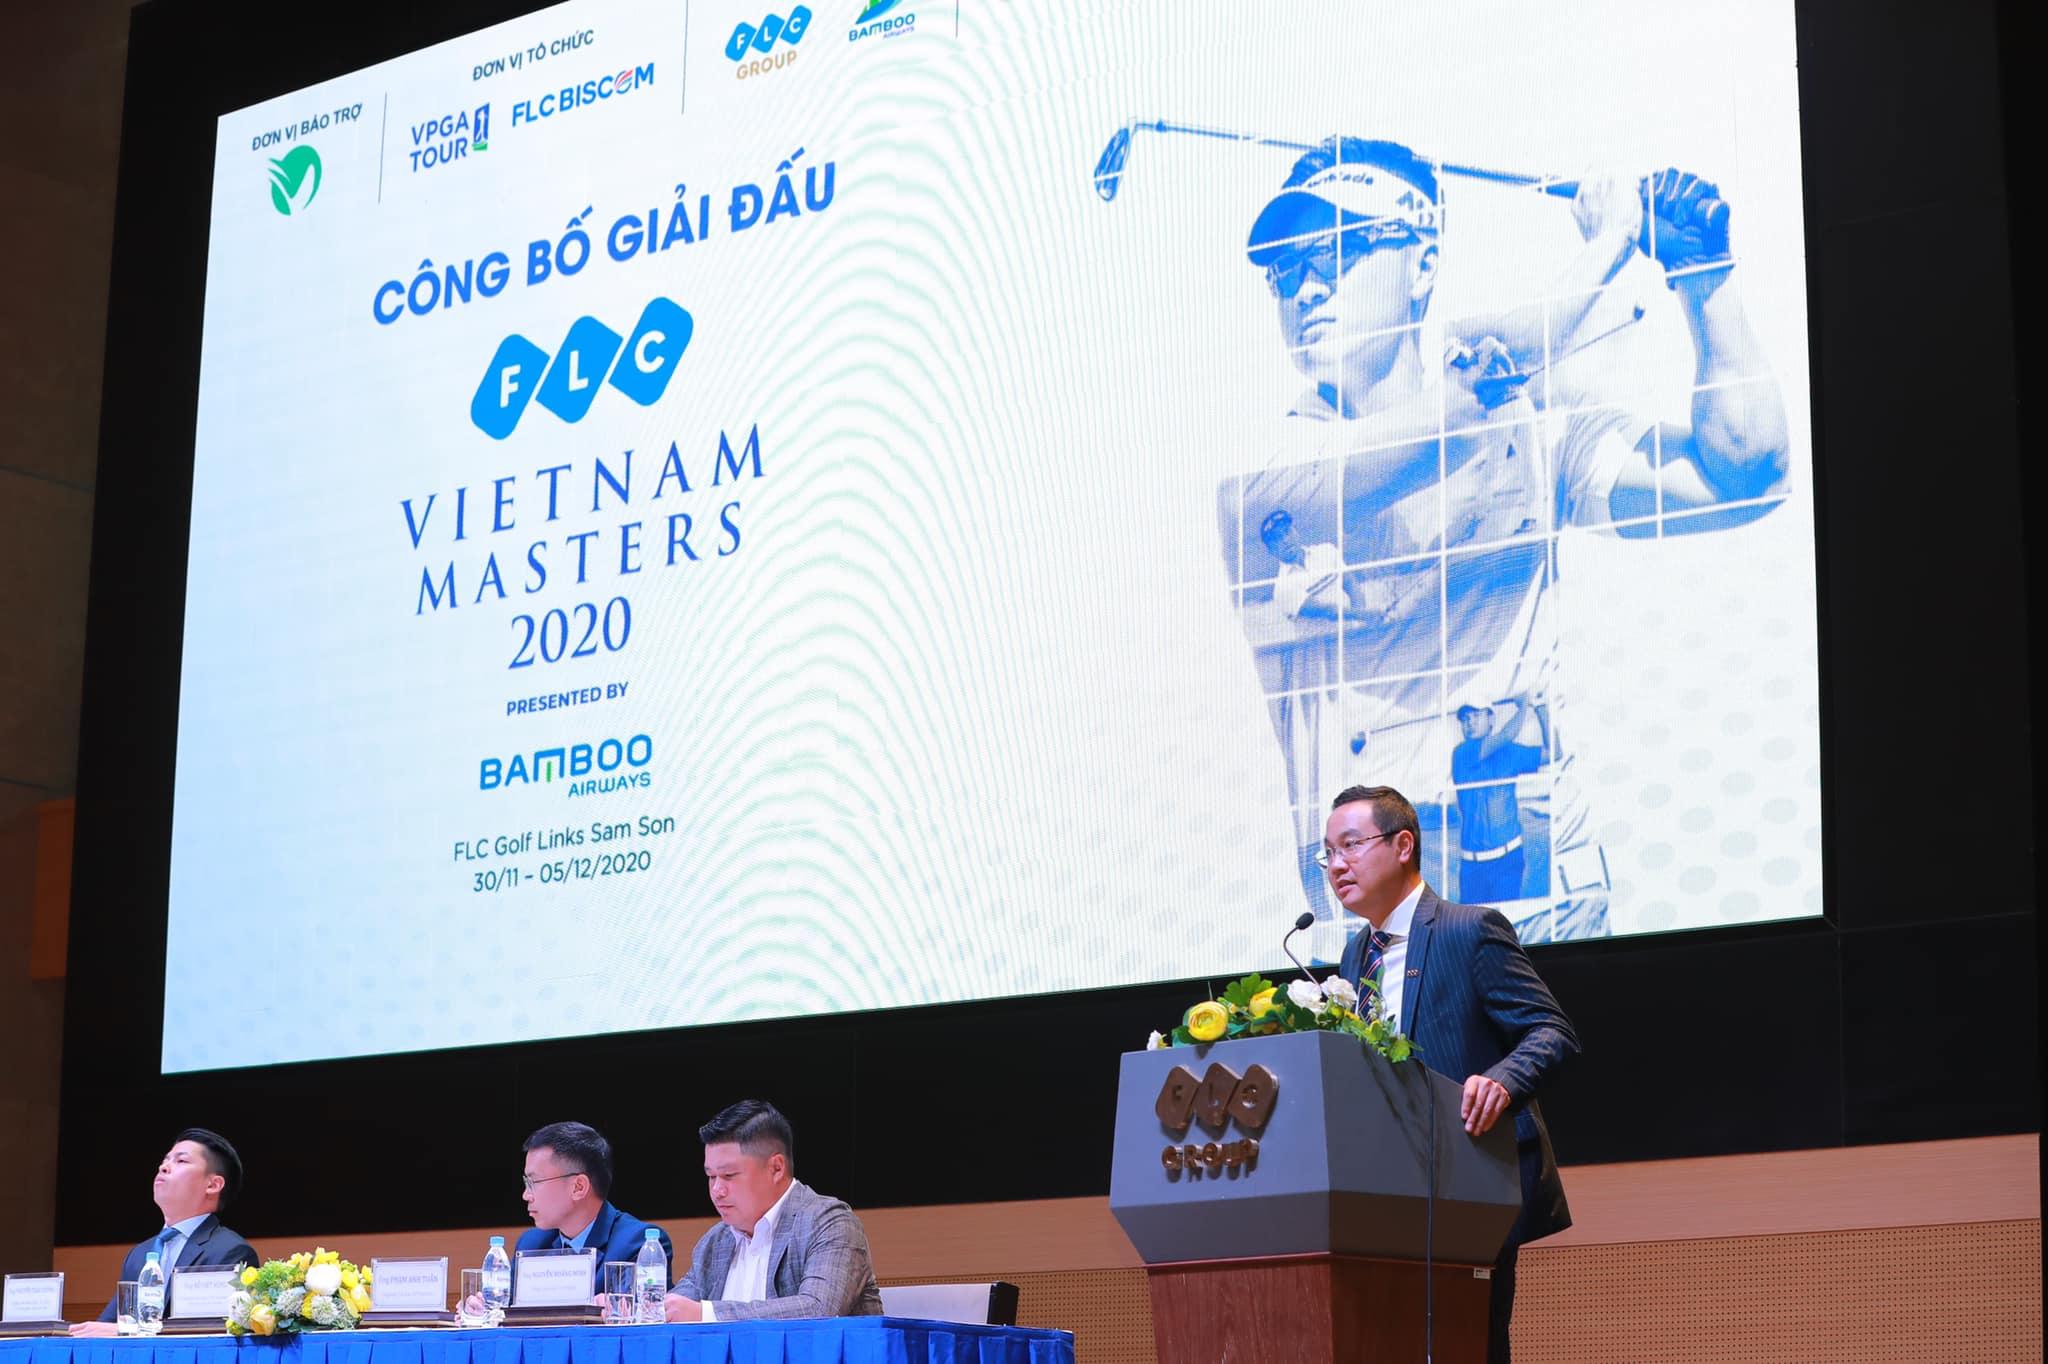 Giải golf FLC Viet Nam Masters presented by Bamboo Airways 2020 tiếp tục là sân chơi lớn nhất cho golfer chuyên nghiệp tại Việt Nam